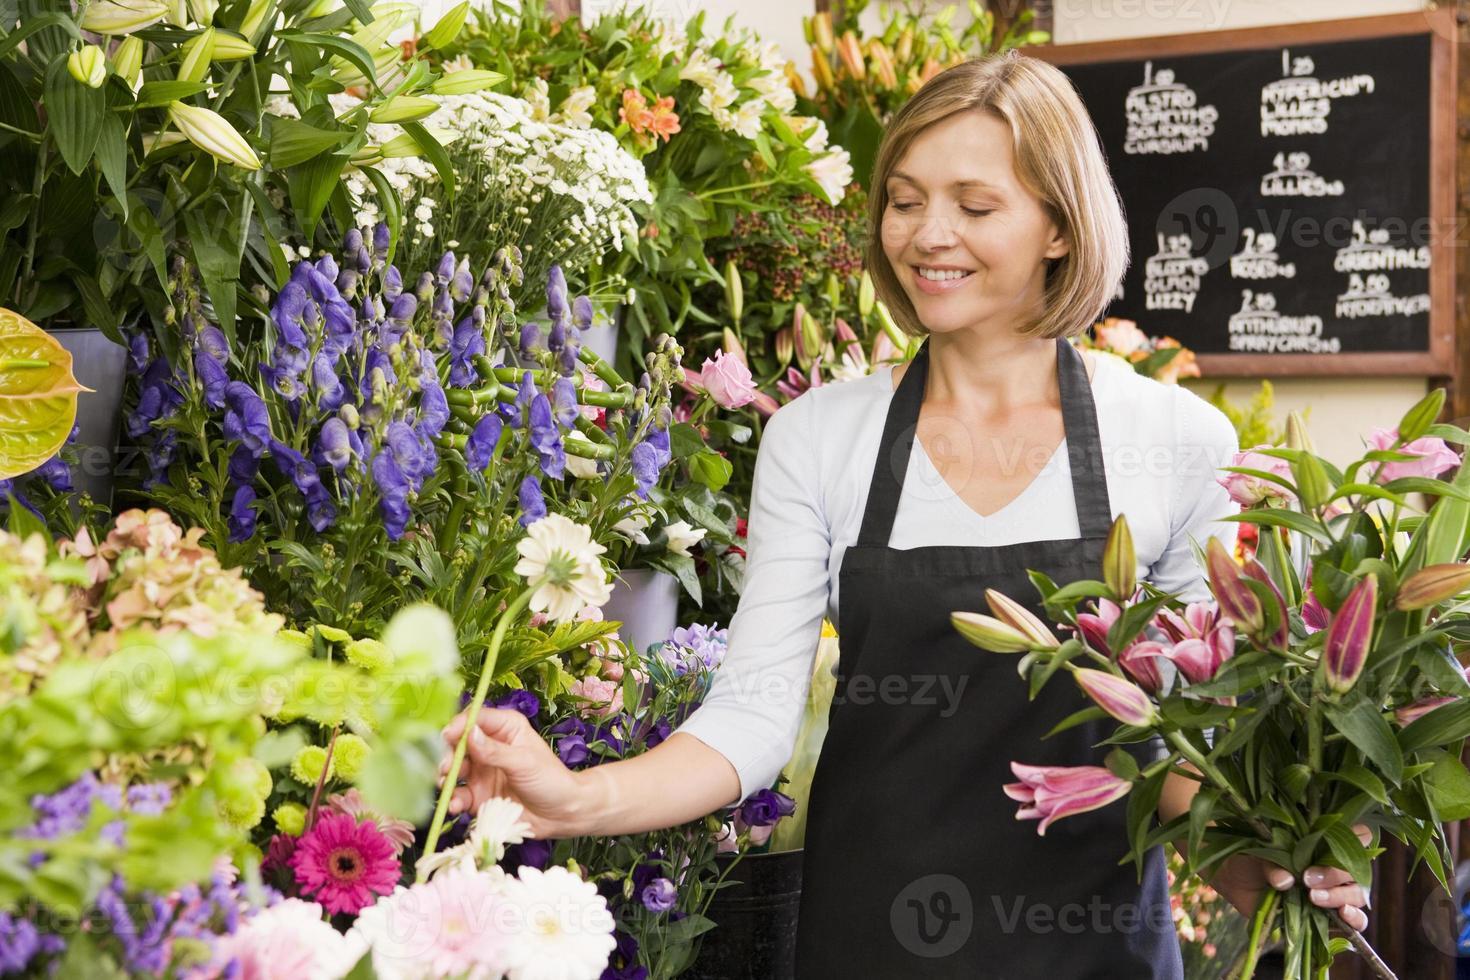 mulher que trabalha na loja de flores sorrindo foto